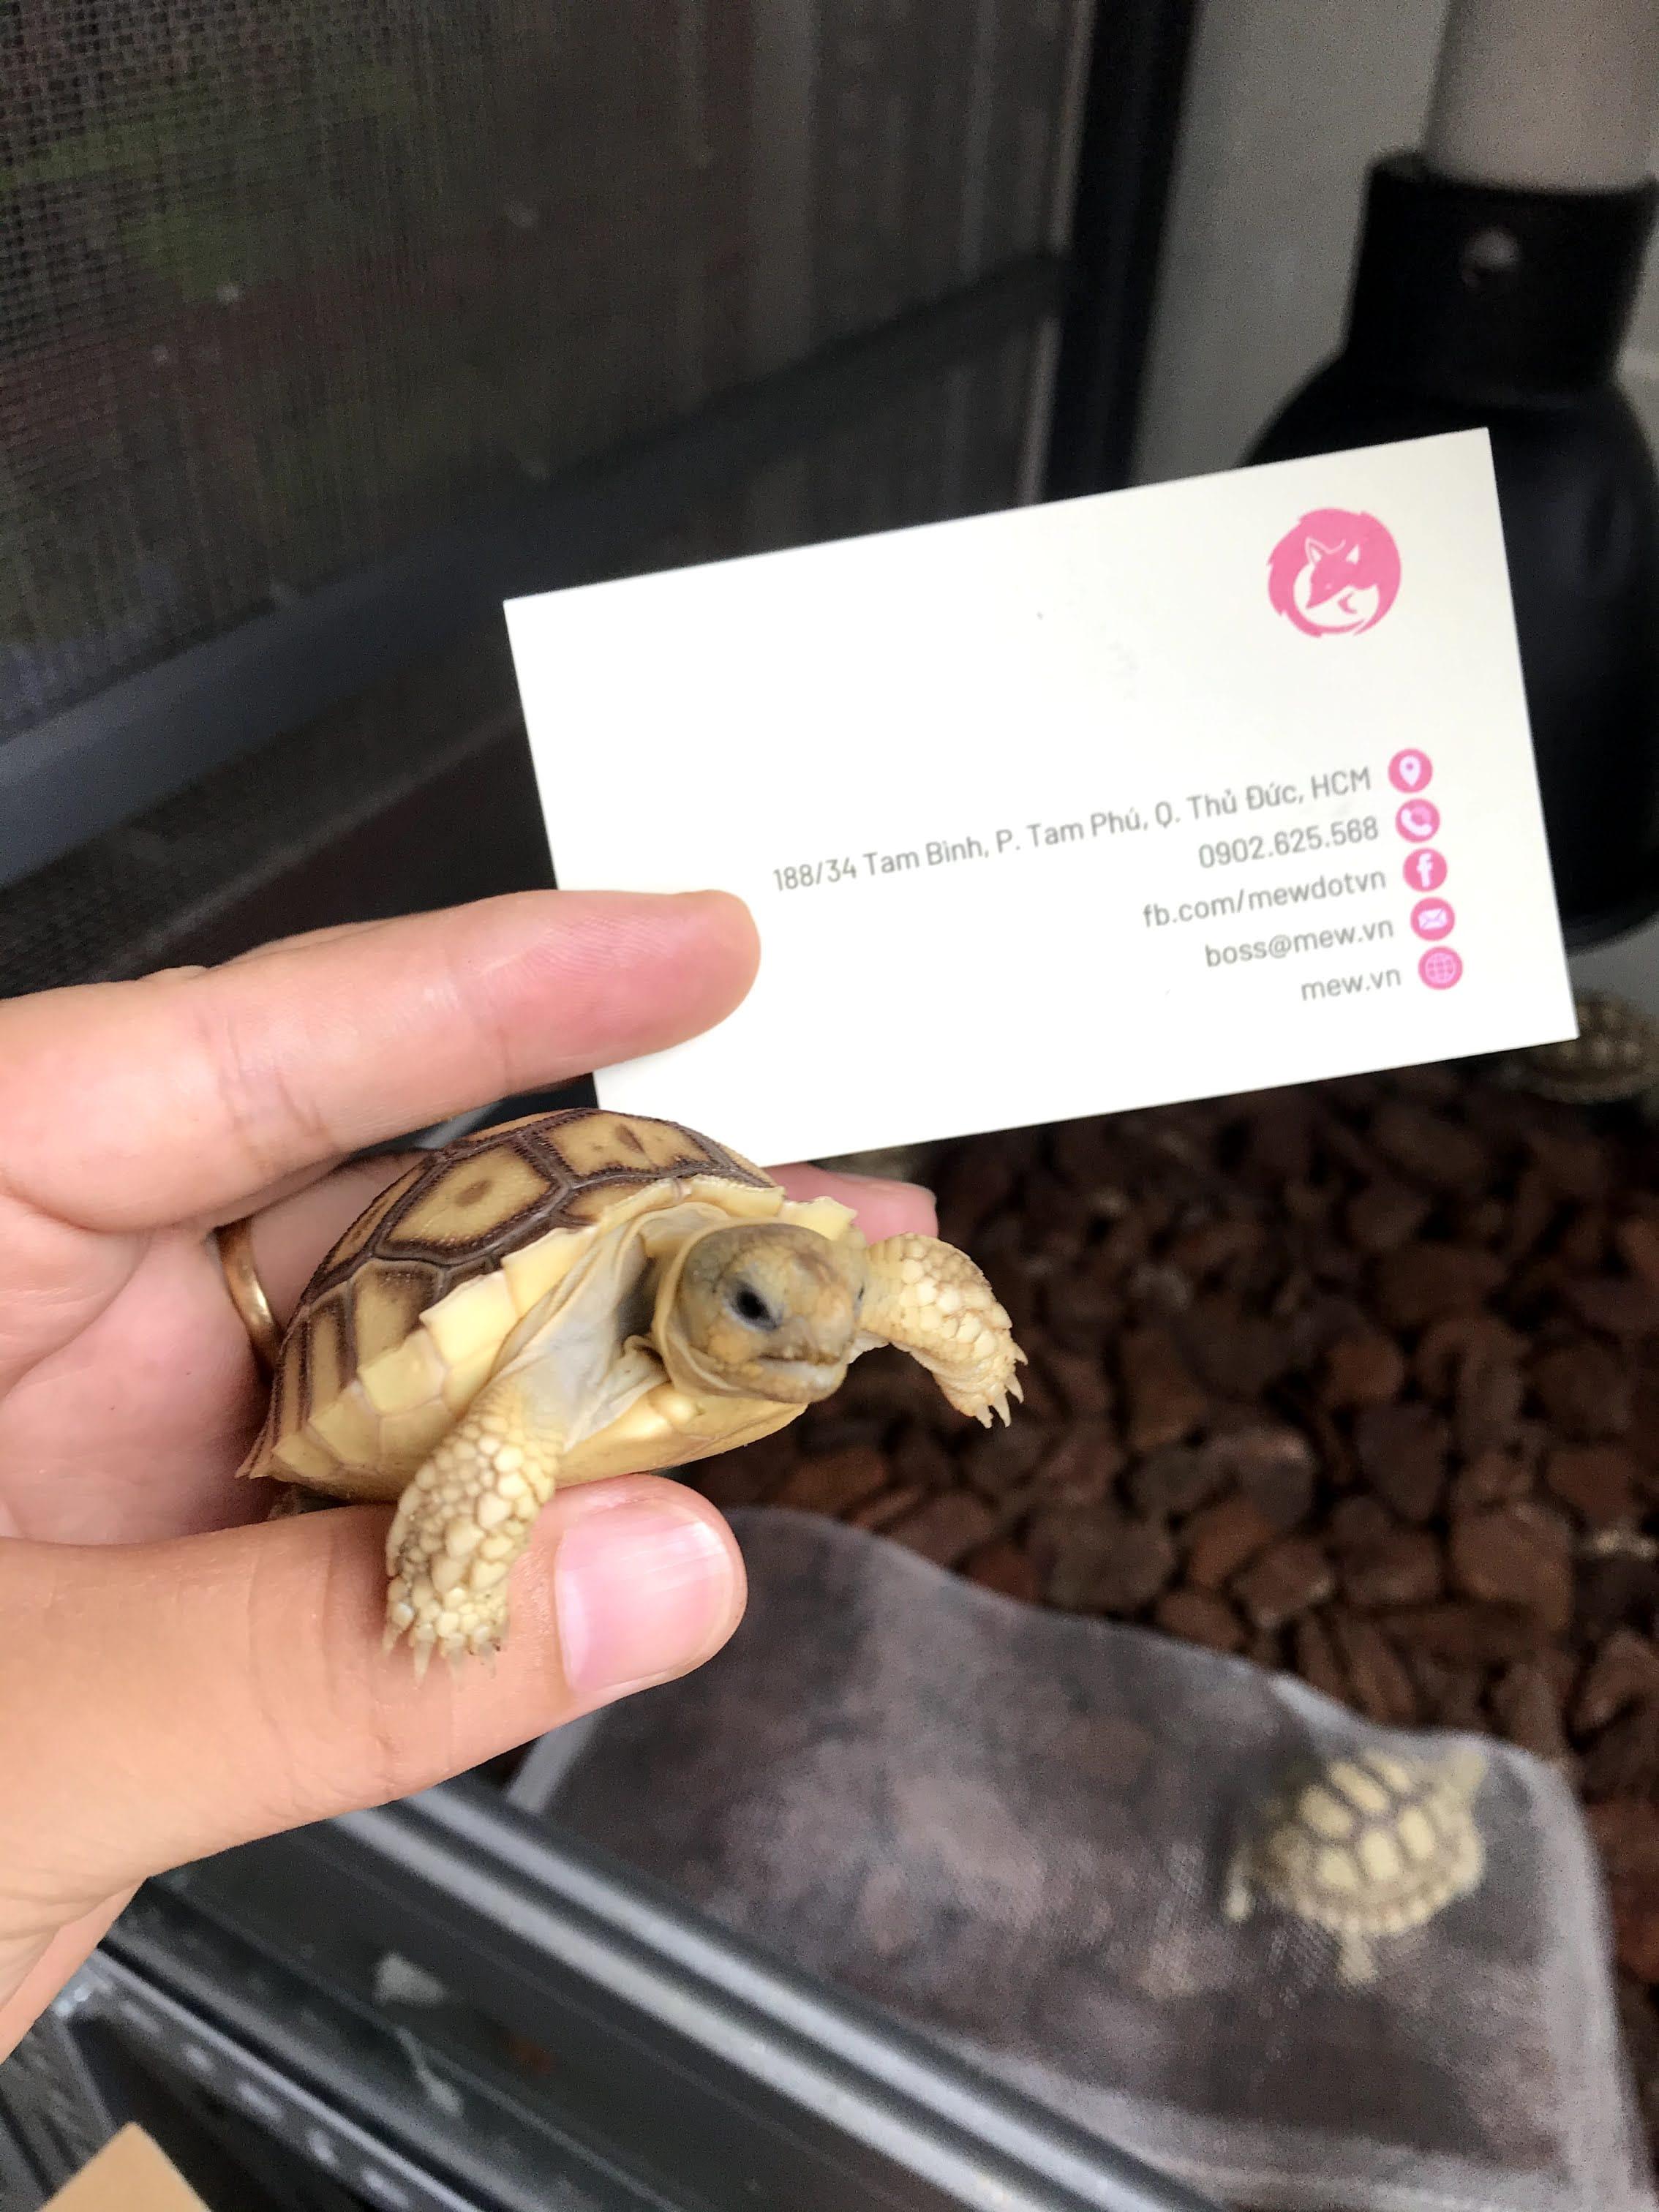 Giá Rùa Sulcata - Rùa Châu Phi Nhập Khẩu Bao Nhiêu? Cập Nhật 2020 13